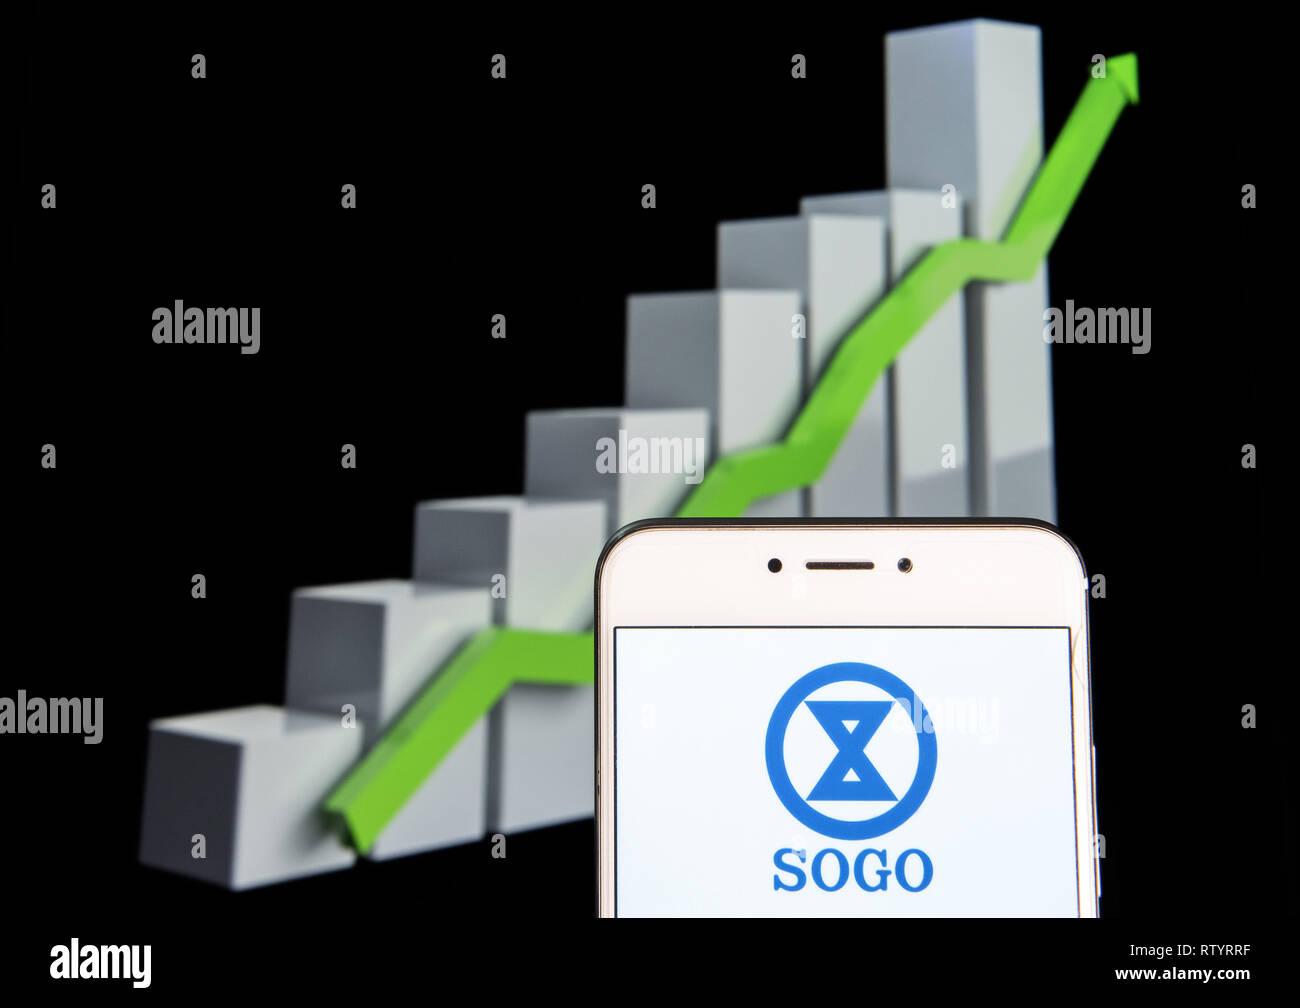 Sogo Hong Kong Stock Photos & Sogo Hong Kong Stock Images